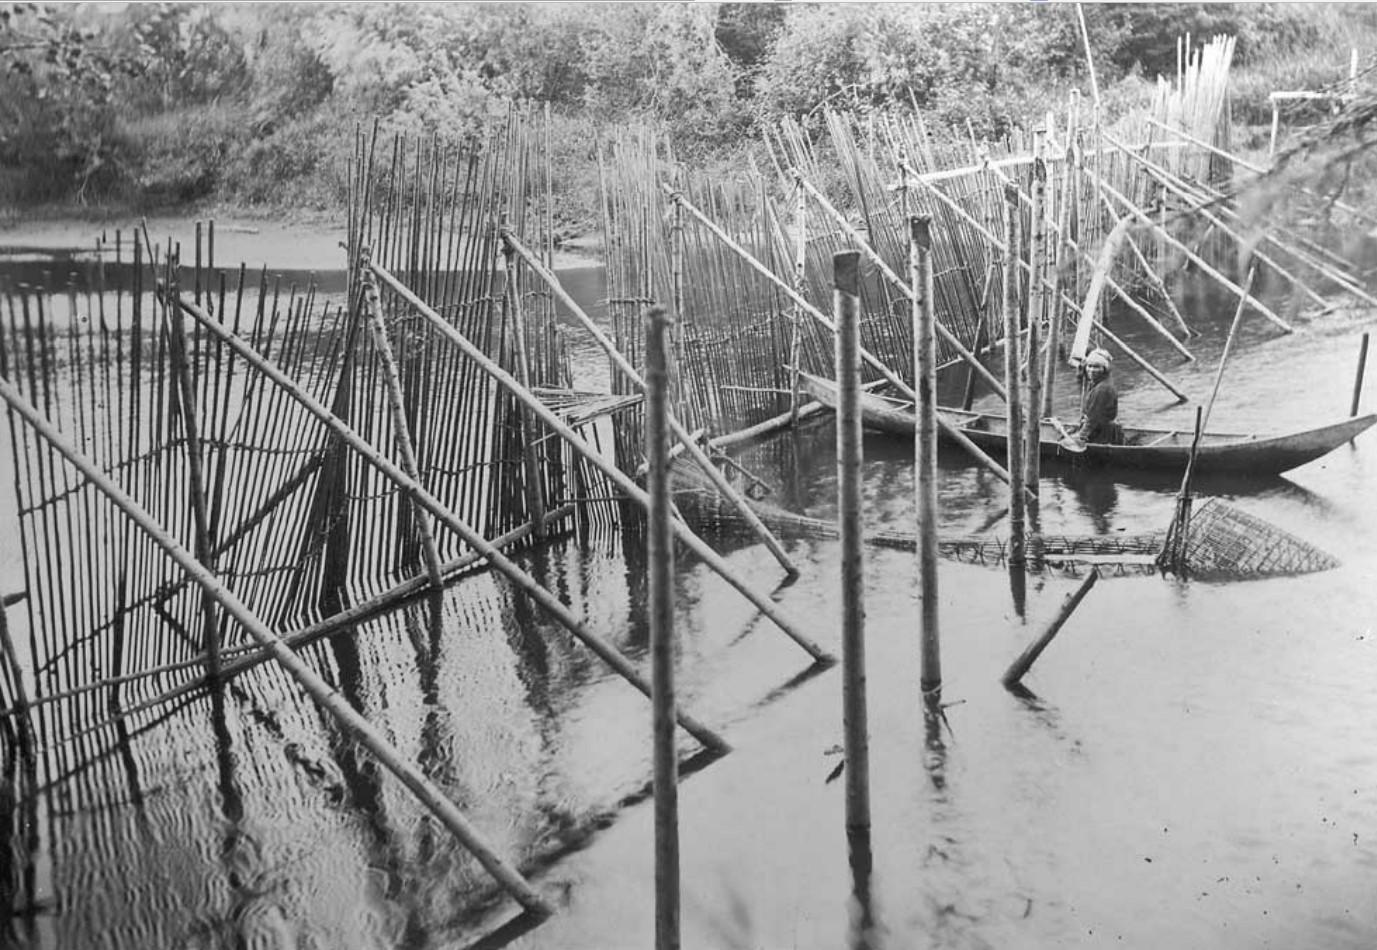 Разнообразные ловушки использовались для блокирования пути возвращения рыбы из их нерестилища